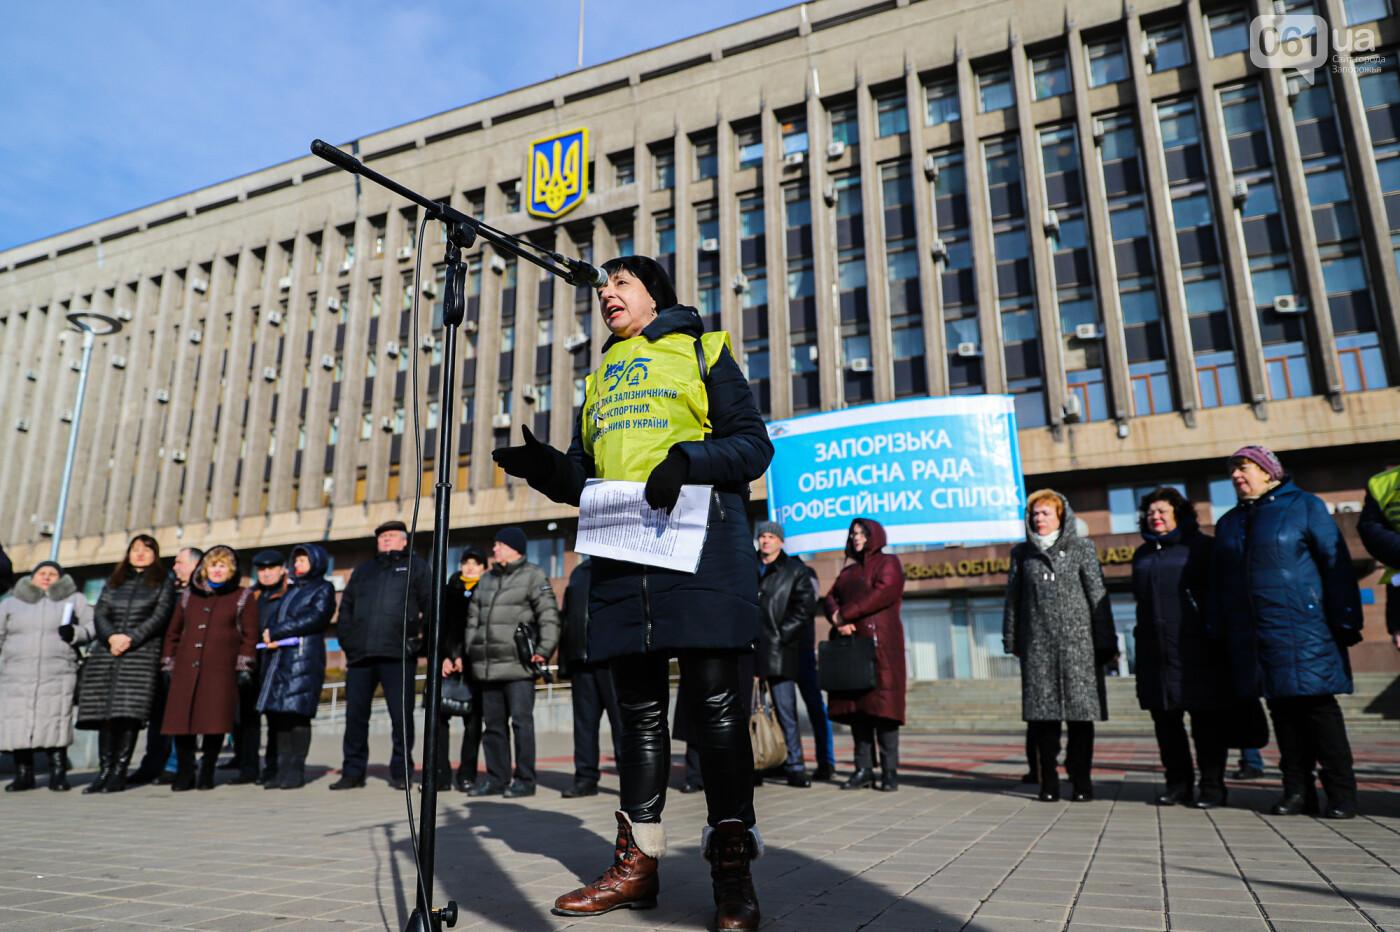 В Запорожье на протестную акцию профсоюзов «Волна гнева» вышло около 2000 человек, - ФОТОРЕПОРТАЖ, фото-30